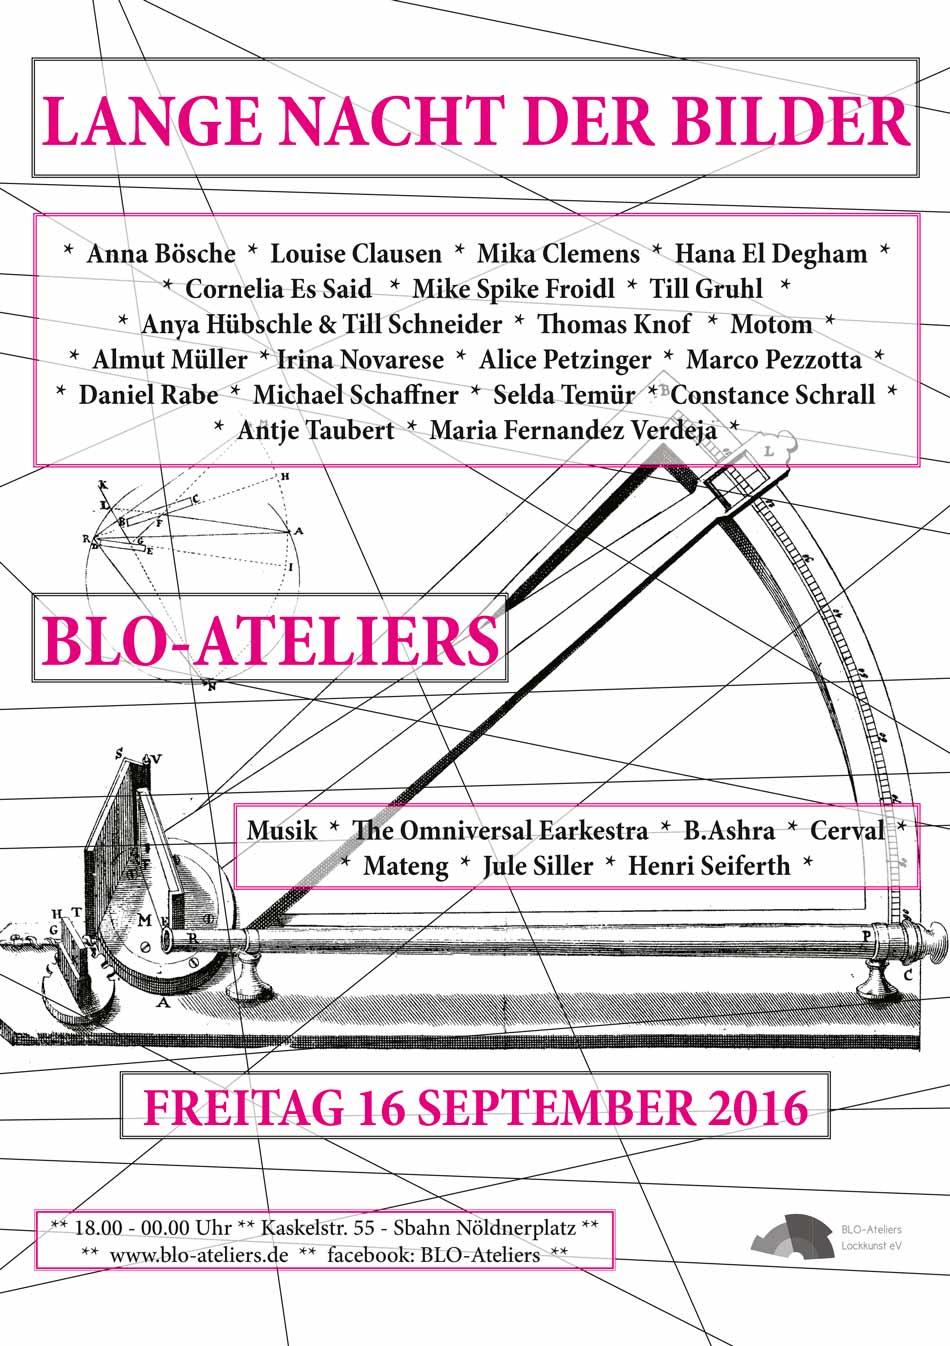 Lange Nacht der Bilder in den BLO-Ateliers: Plakat (Jpg/web)